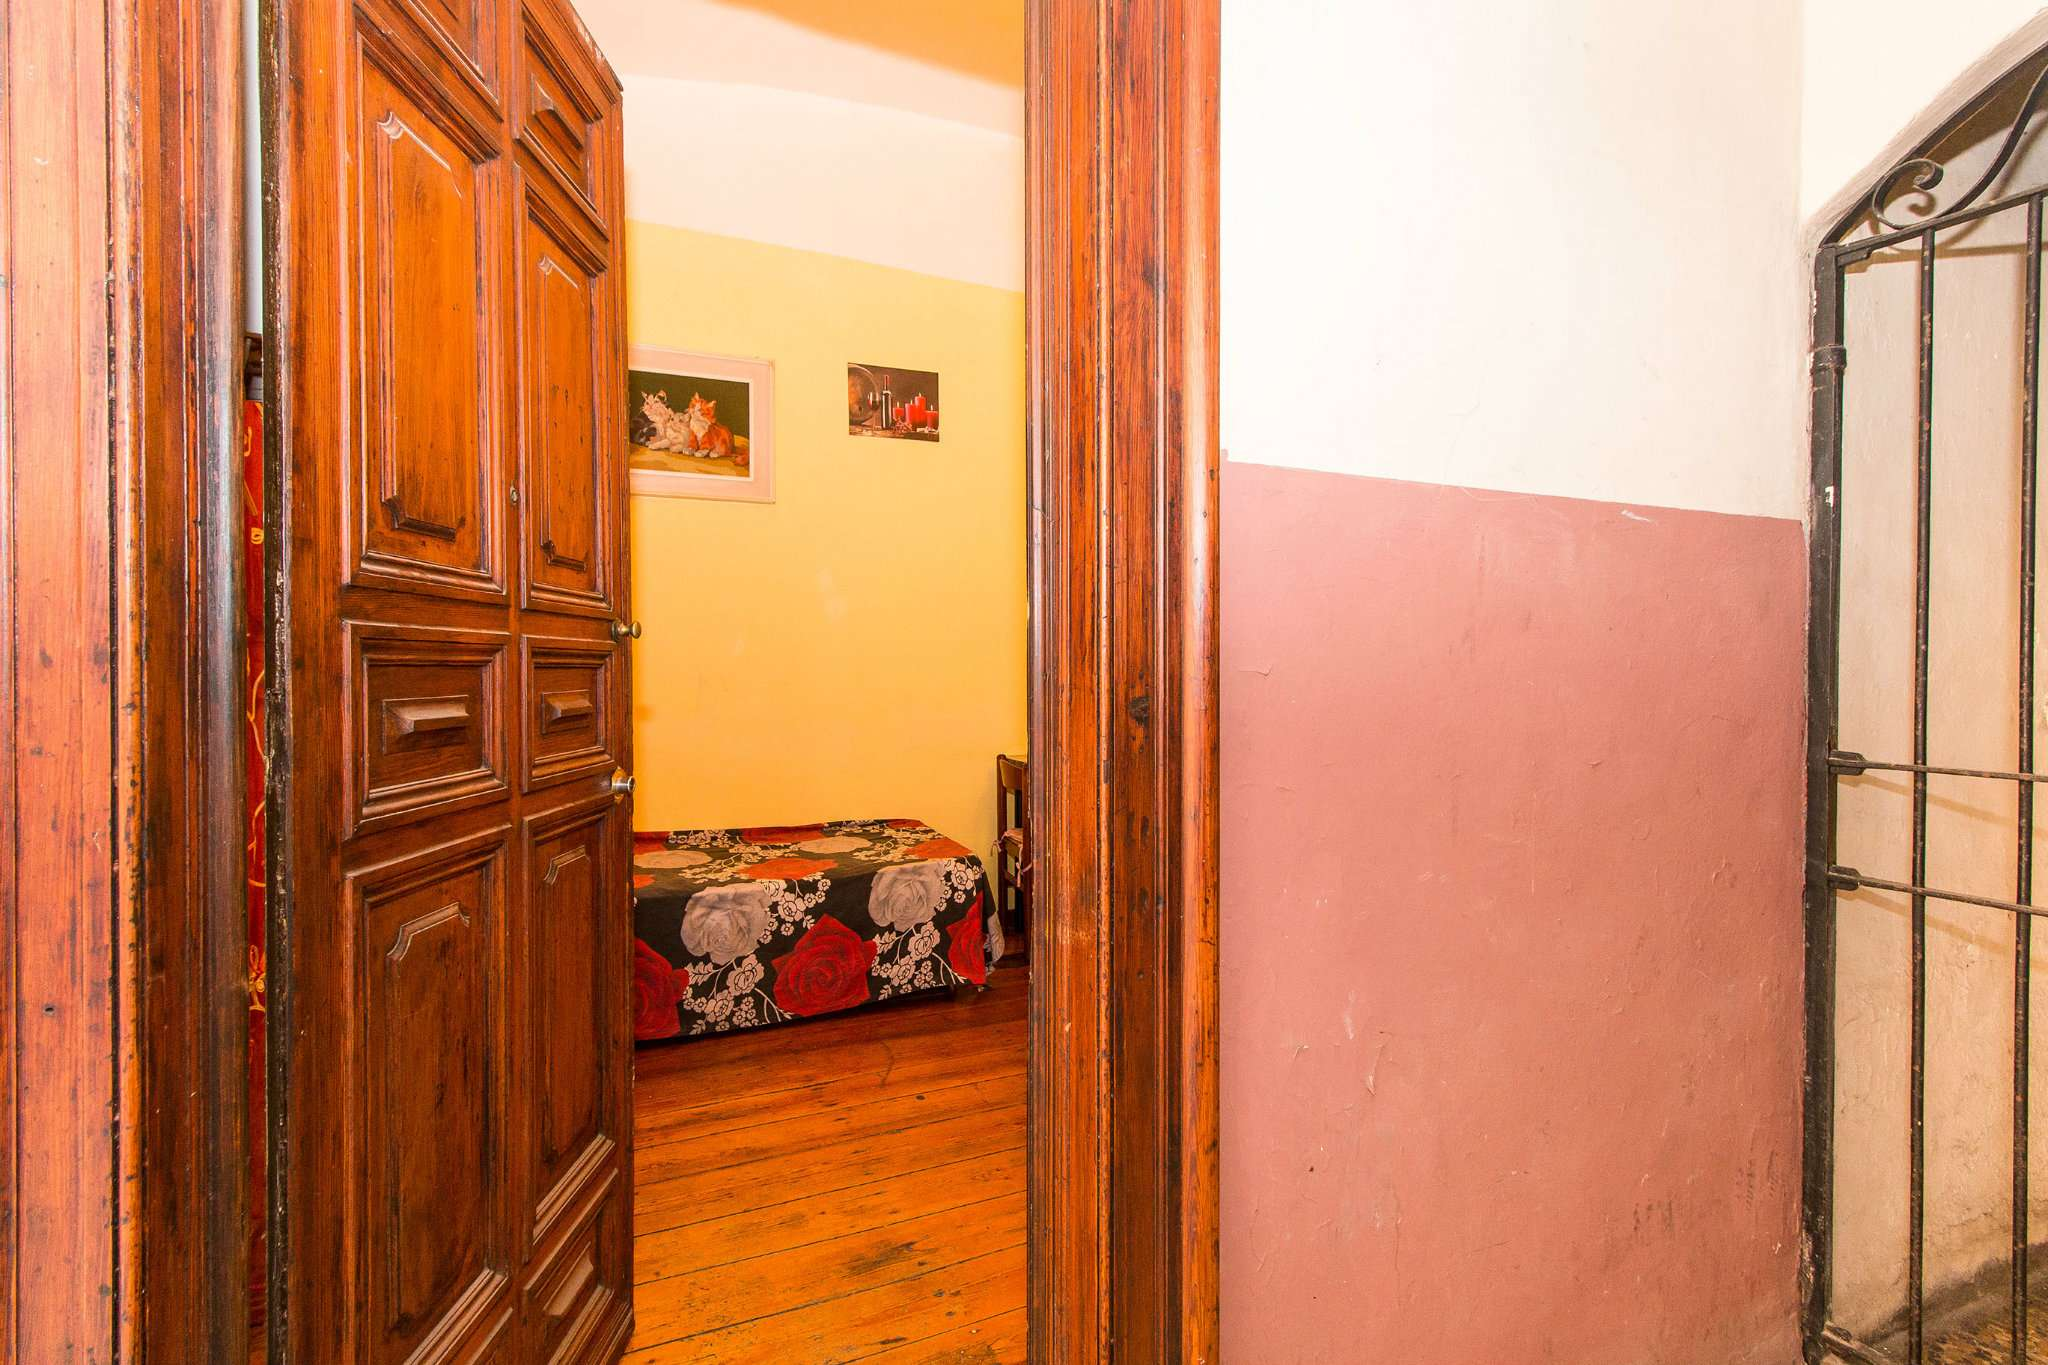 Foto 4 di Bilocale via lombroso 24, Torino (zona San Salvario)